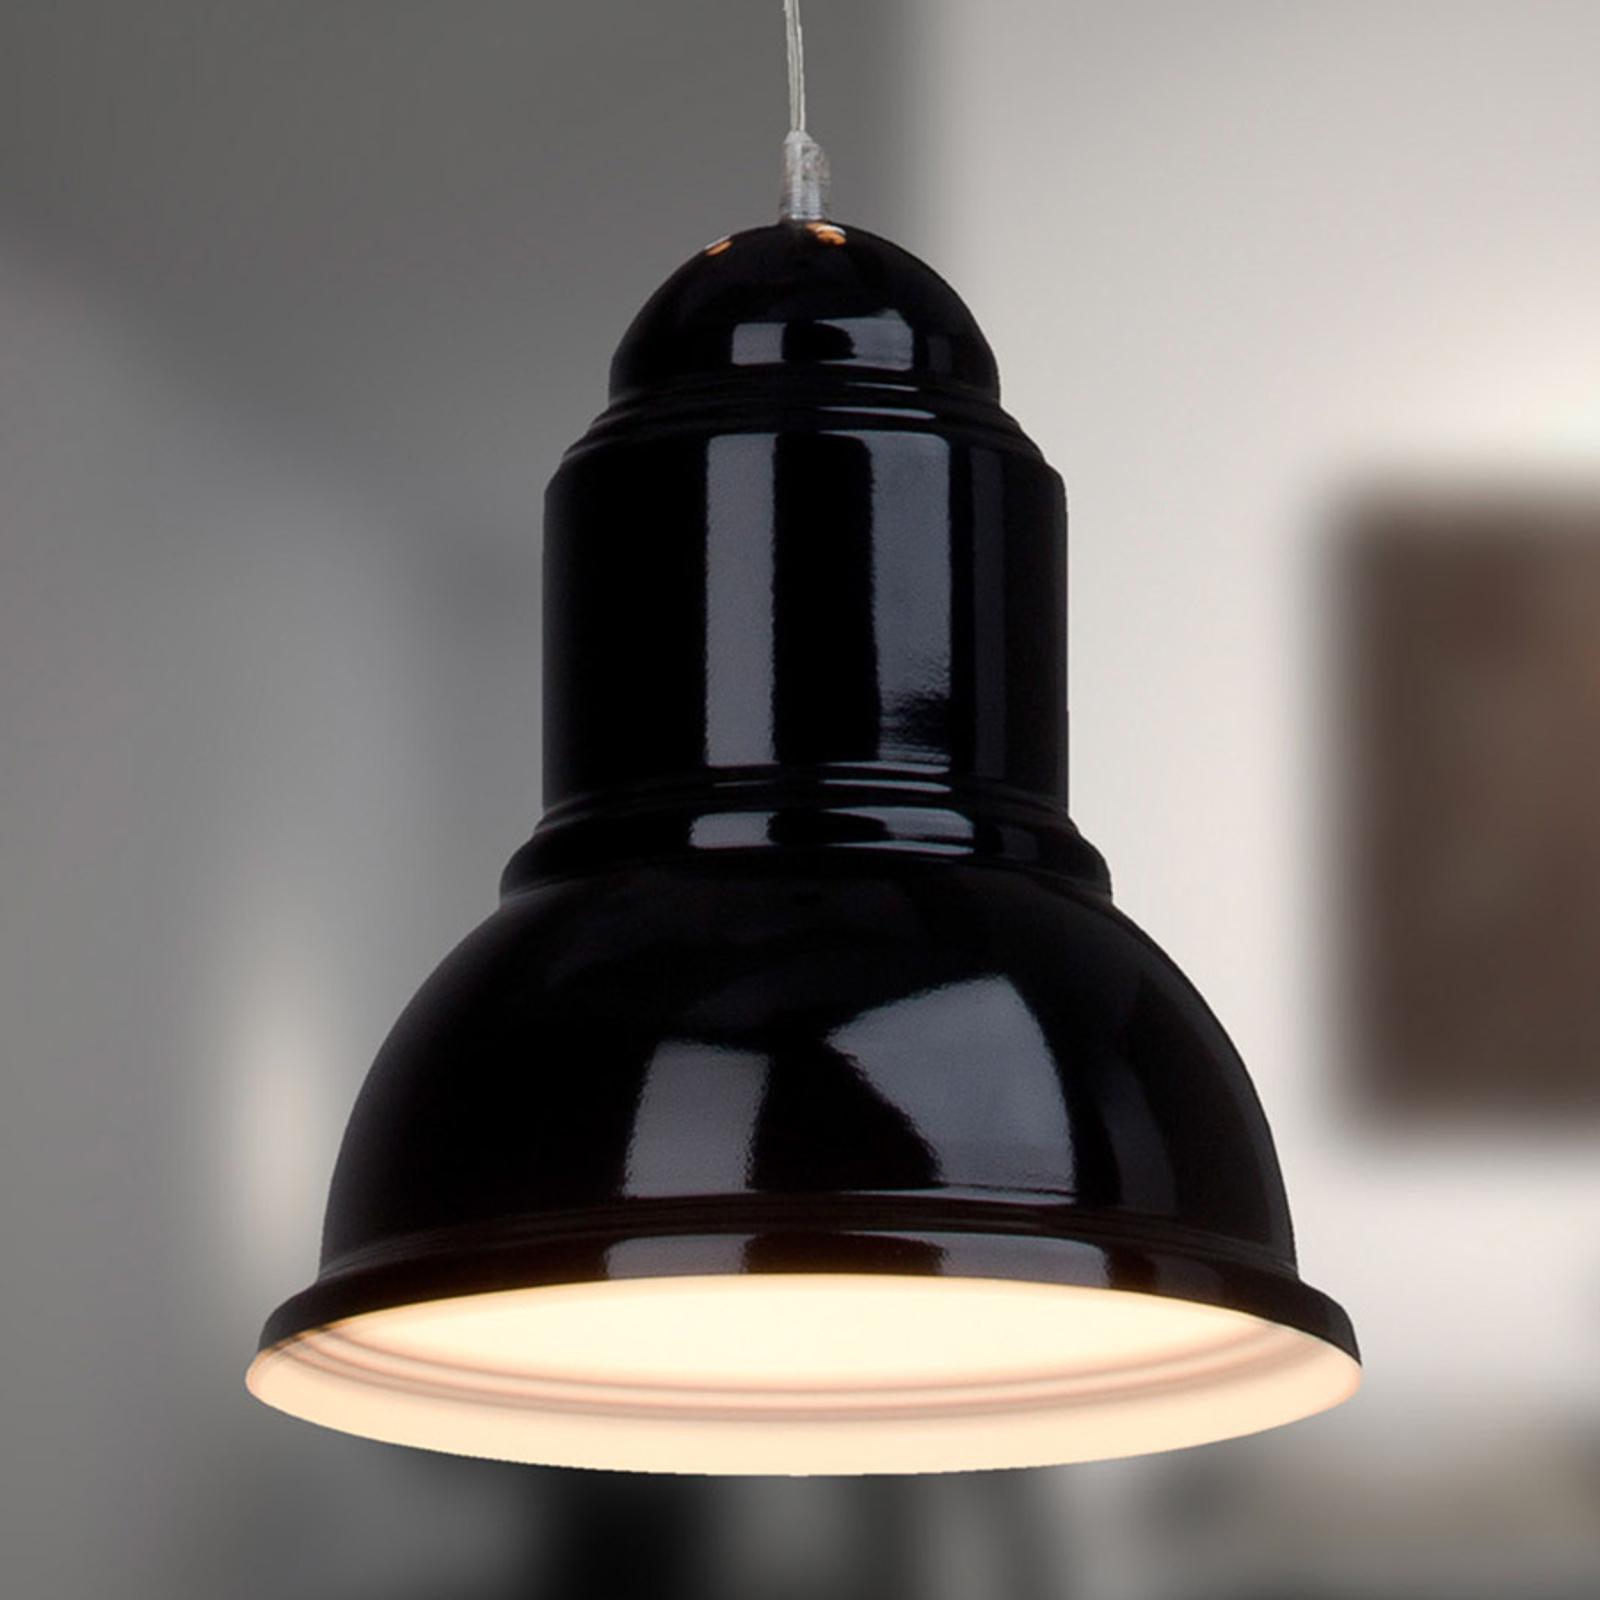 Lampada a sospensione Almira nero